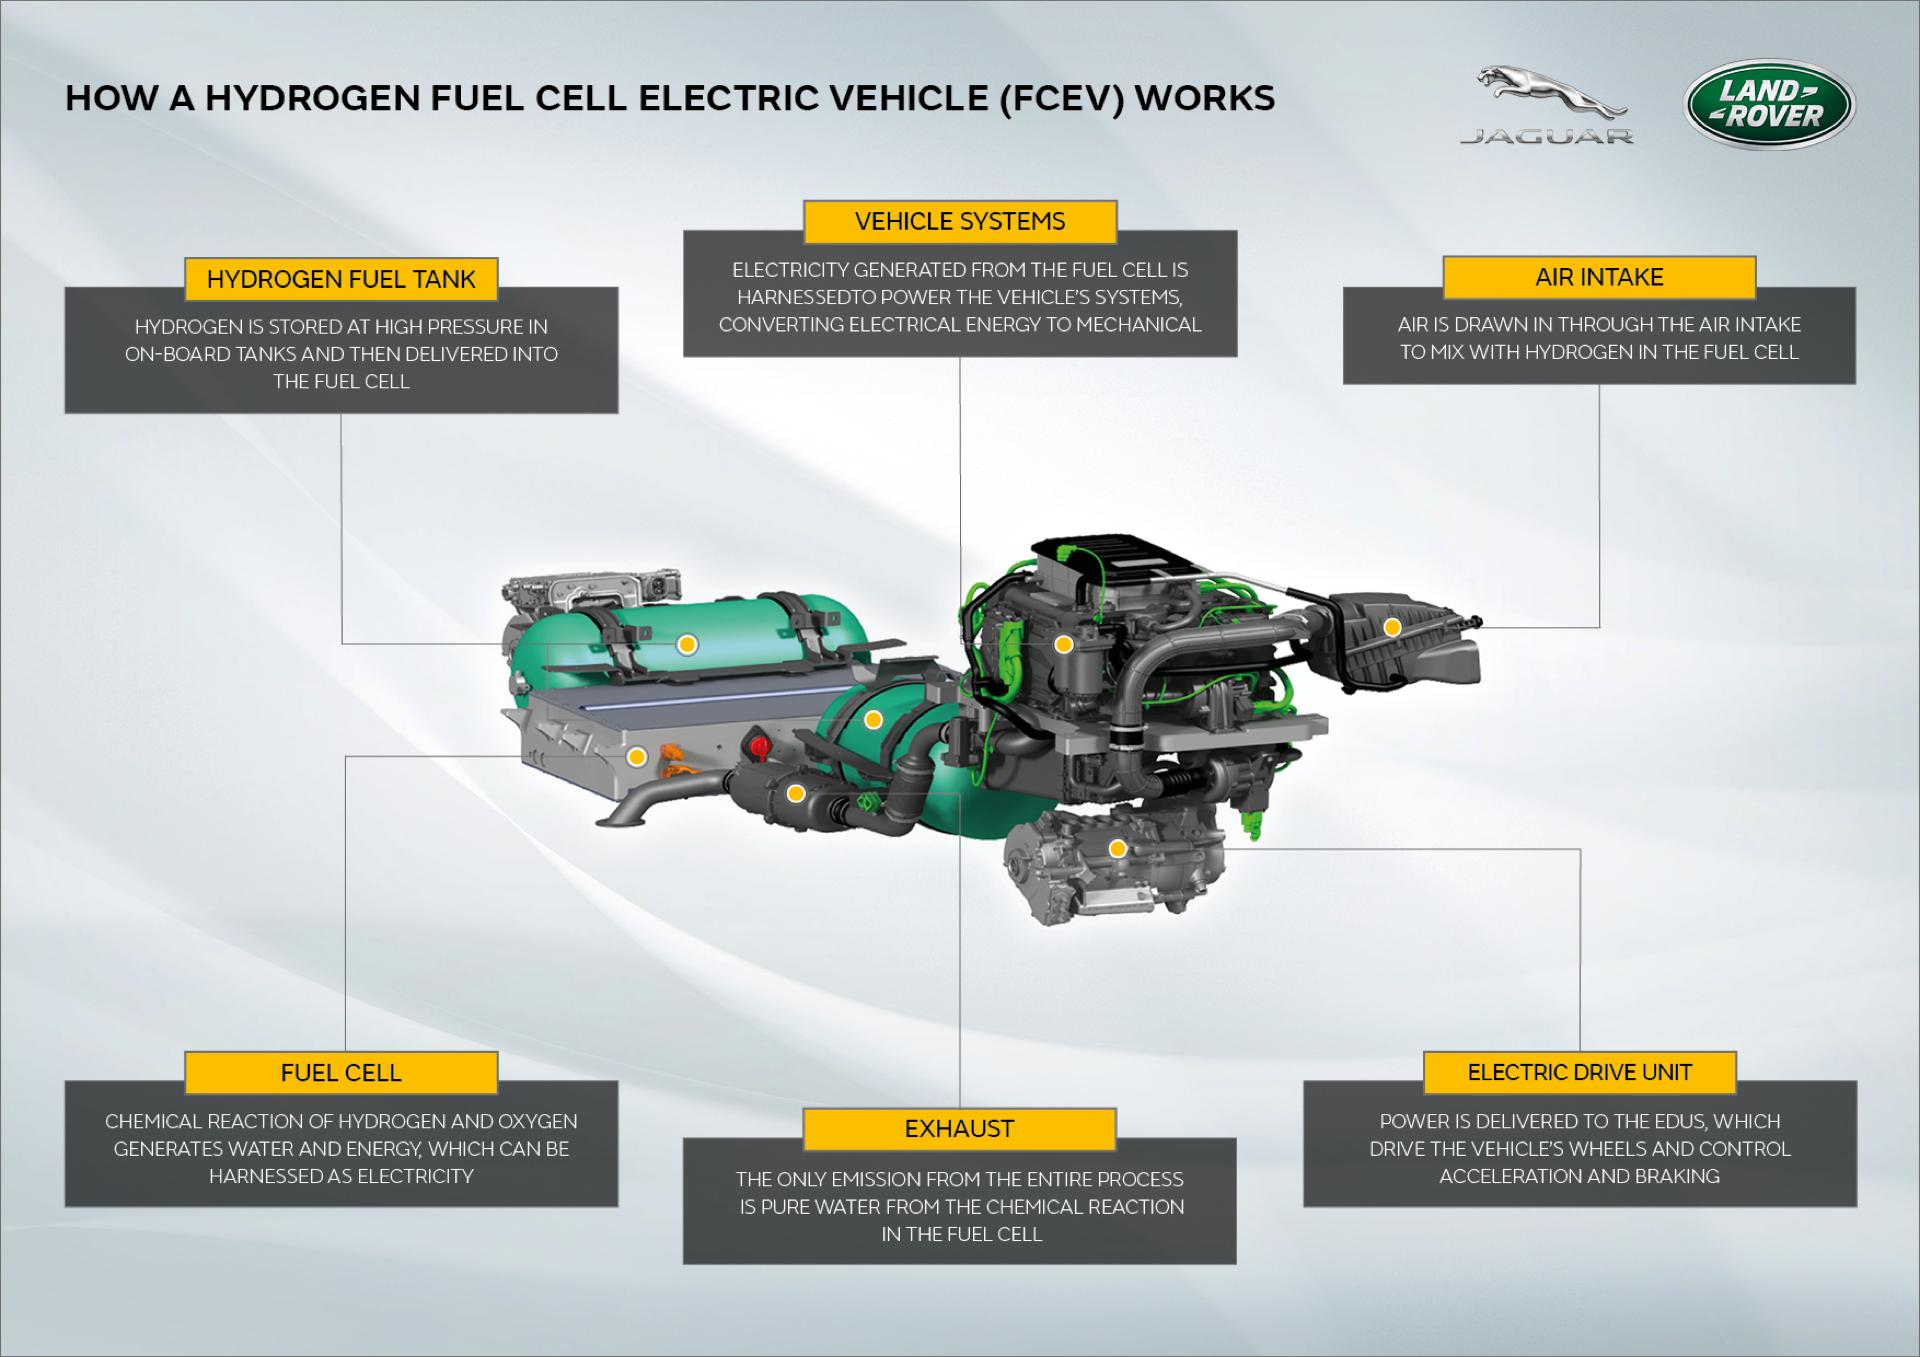 Land Rover Defender Hidrogeno 5